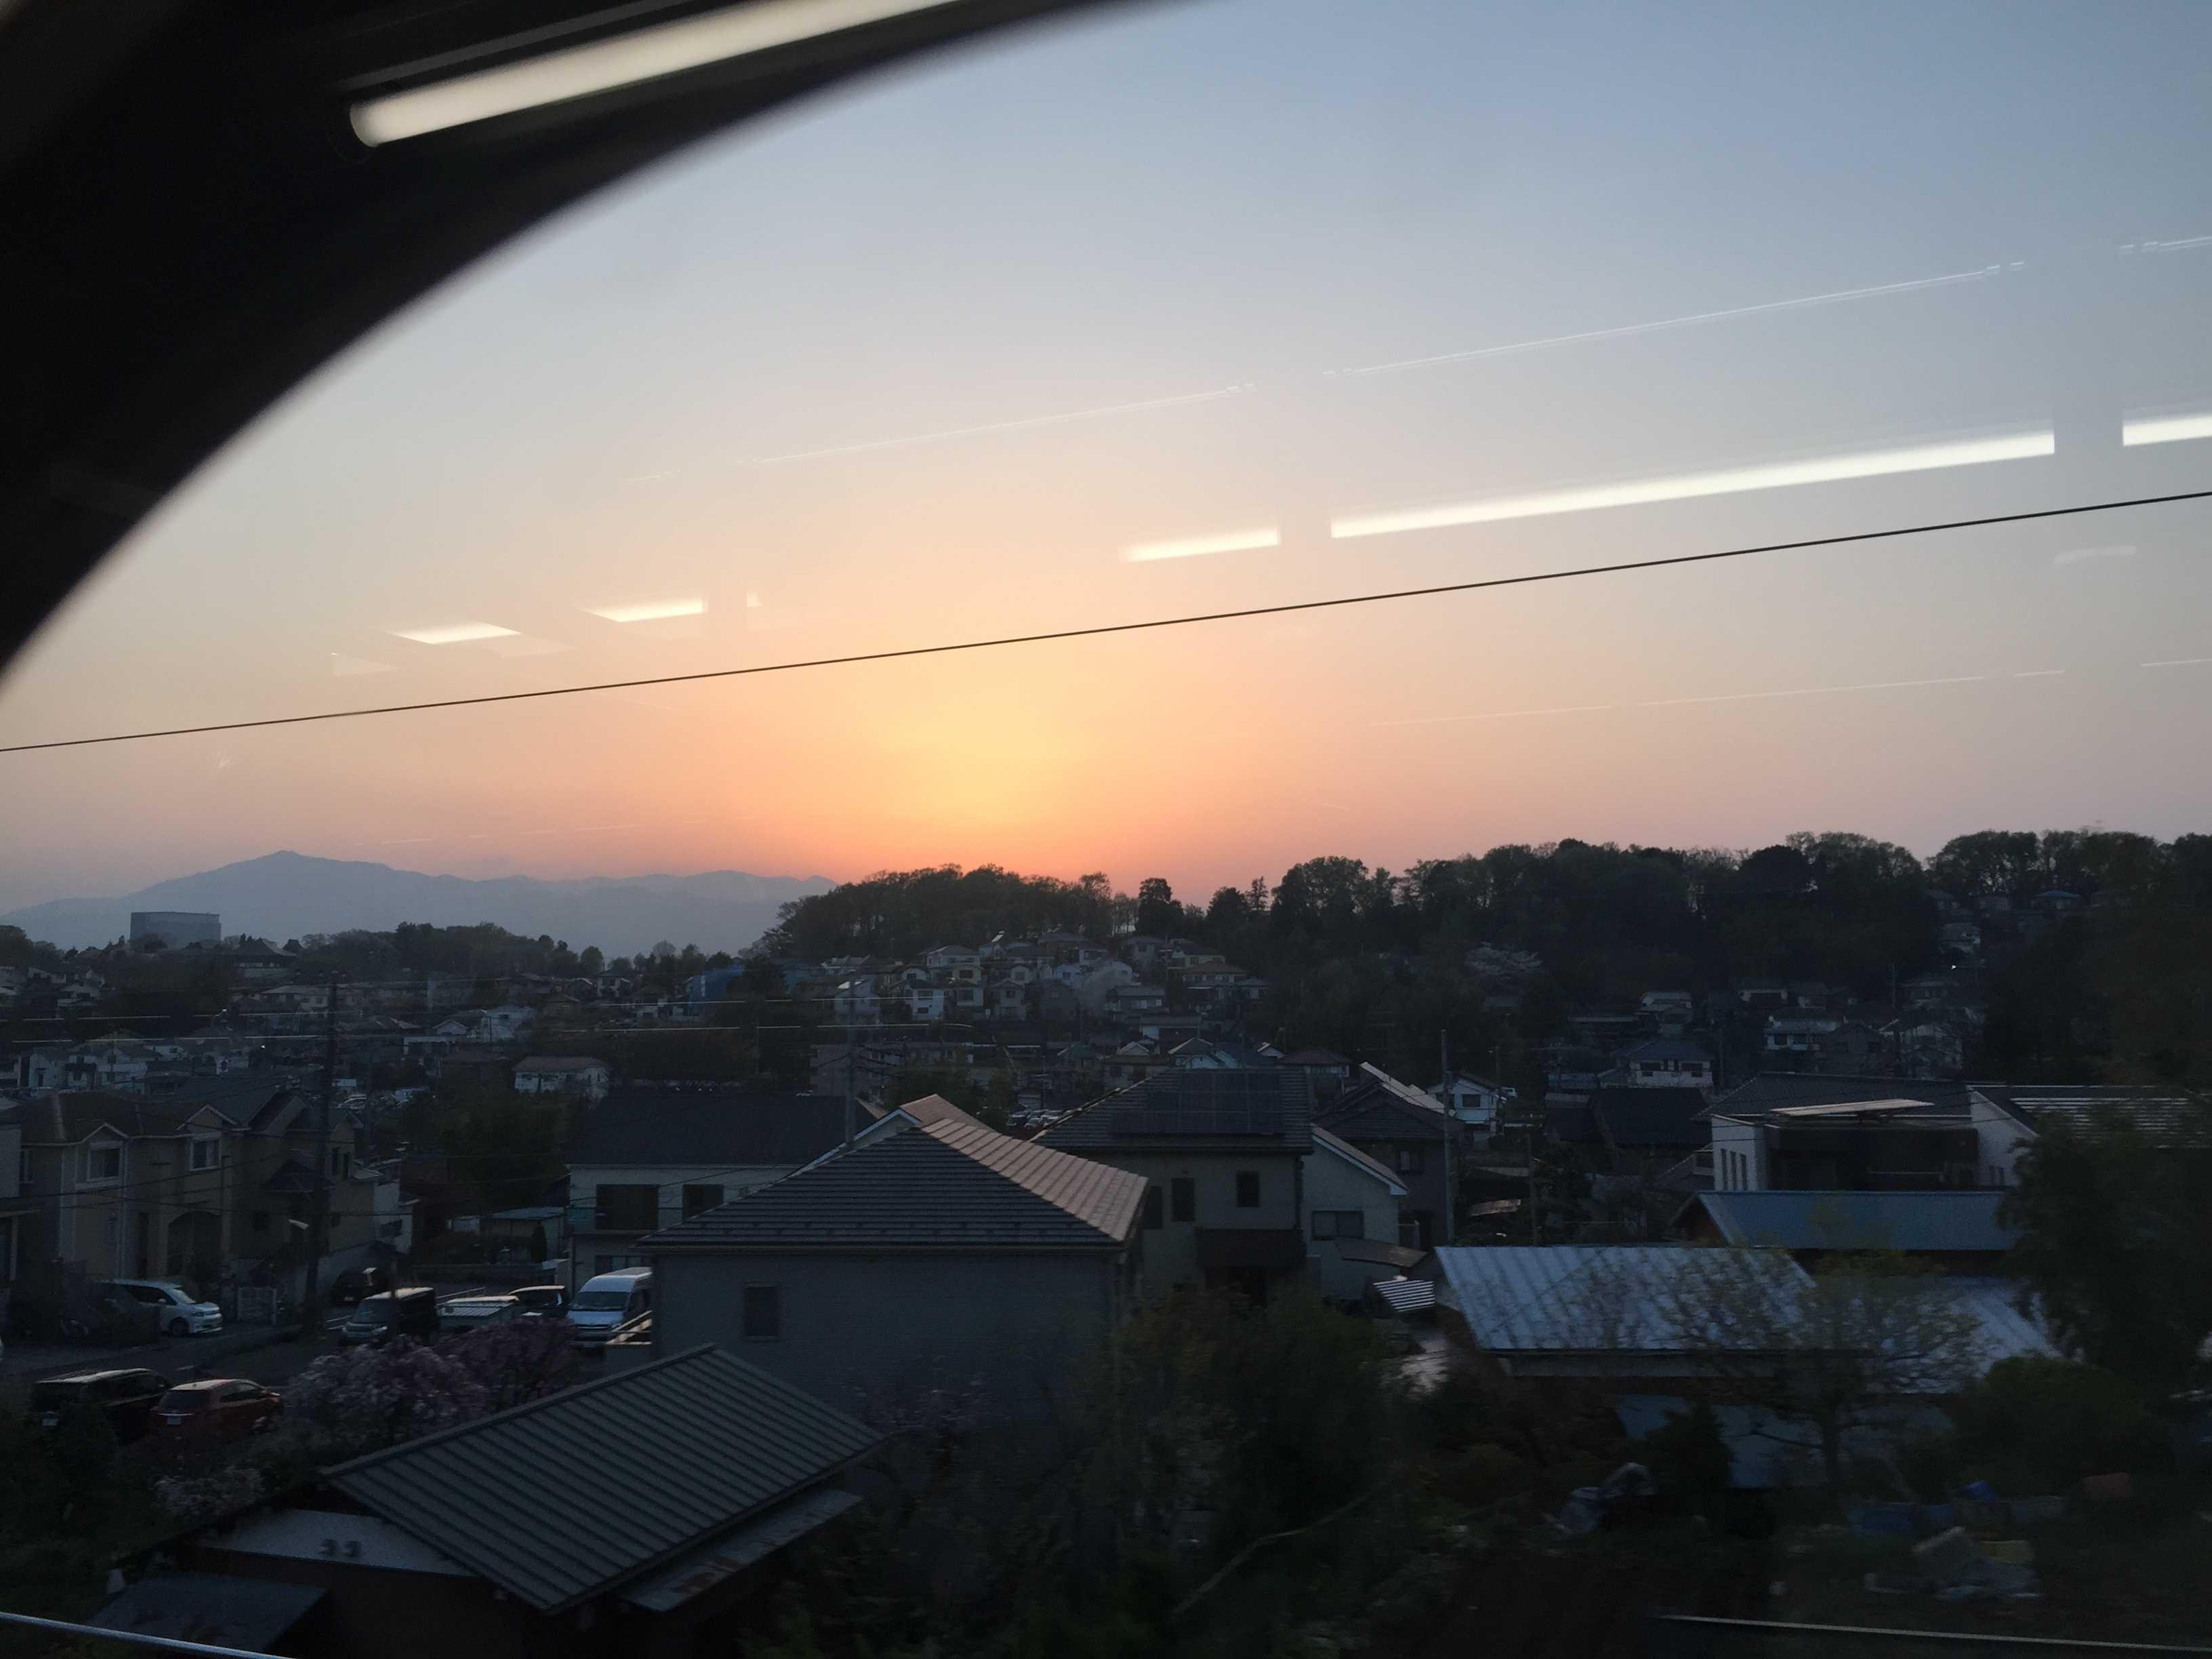 相鉄線の中から見えた丹沢山系の夕焼け